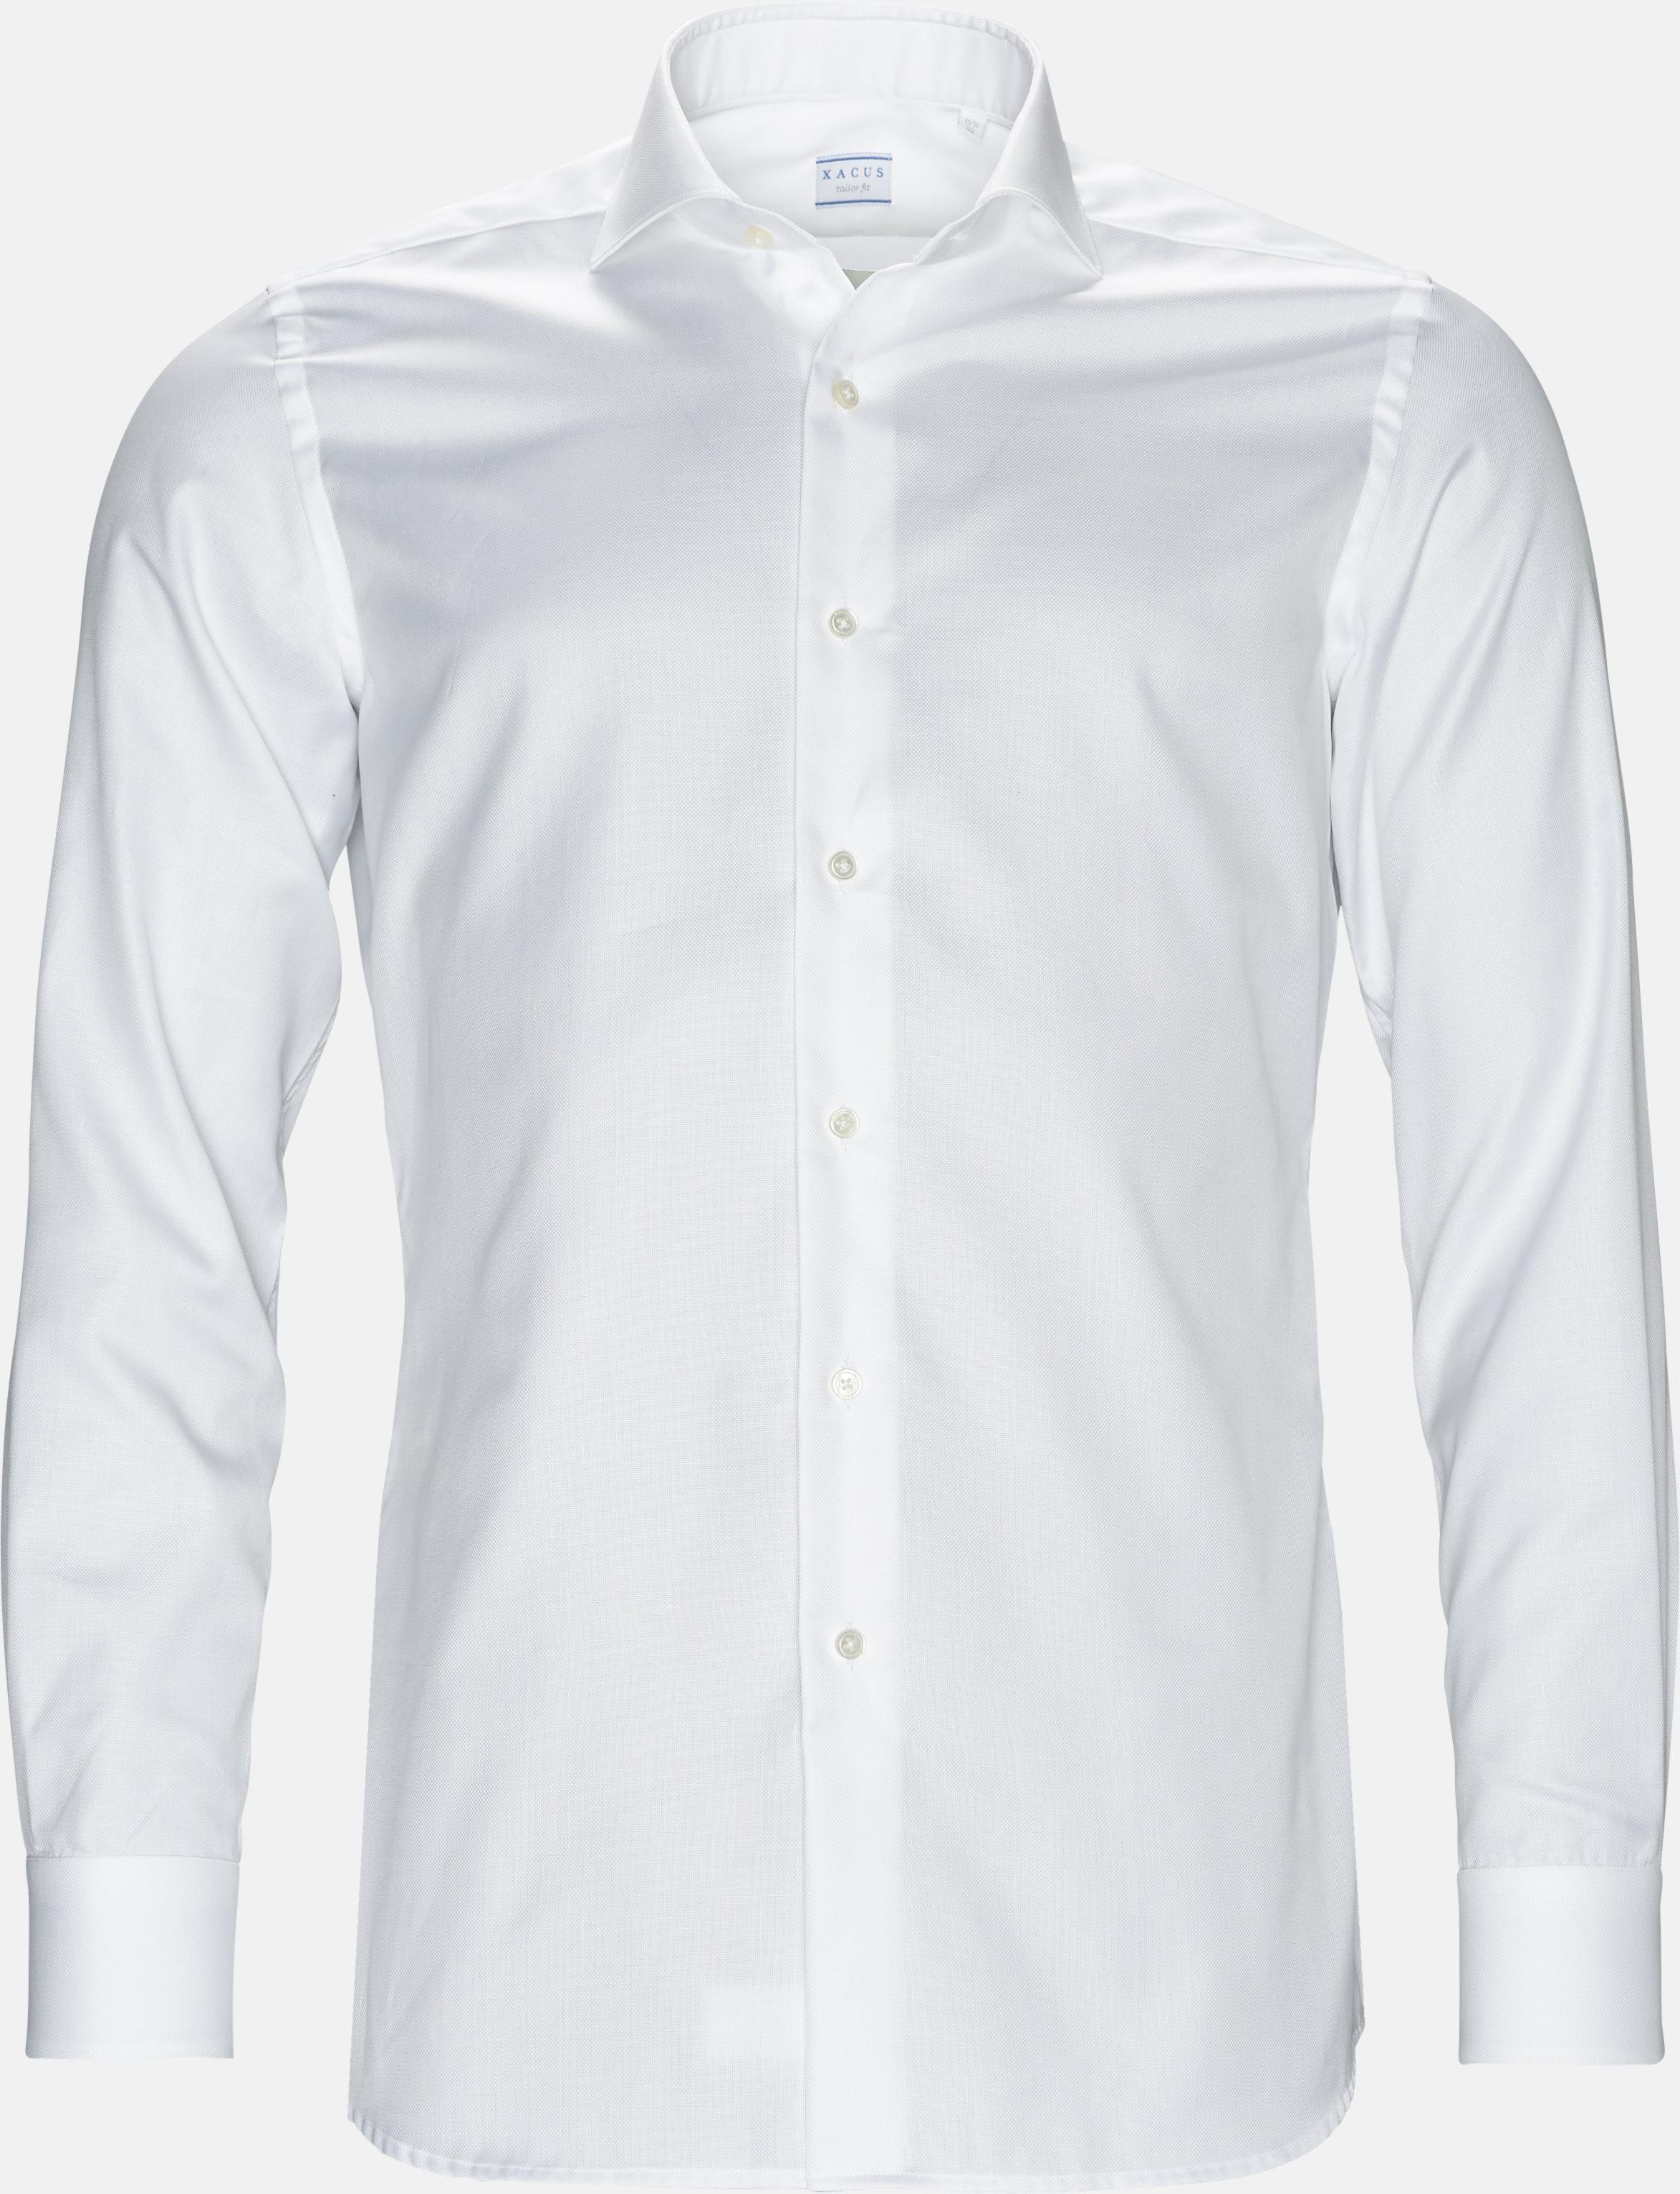 11313 526 skjorte - Skjorter - Tailor - Hvid